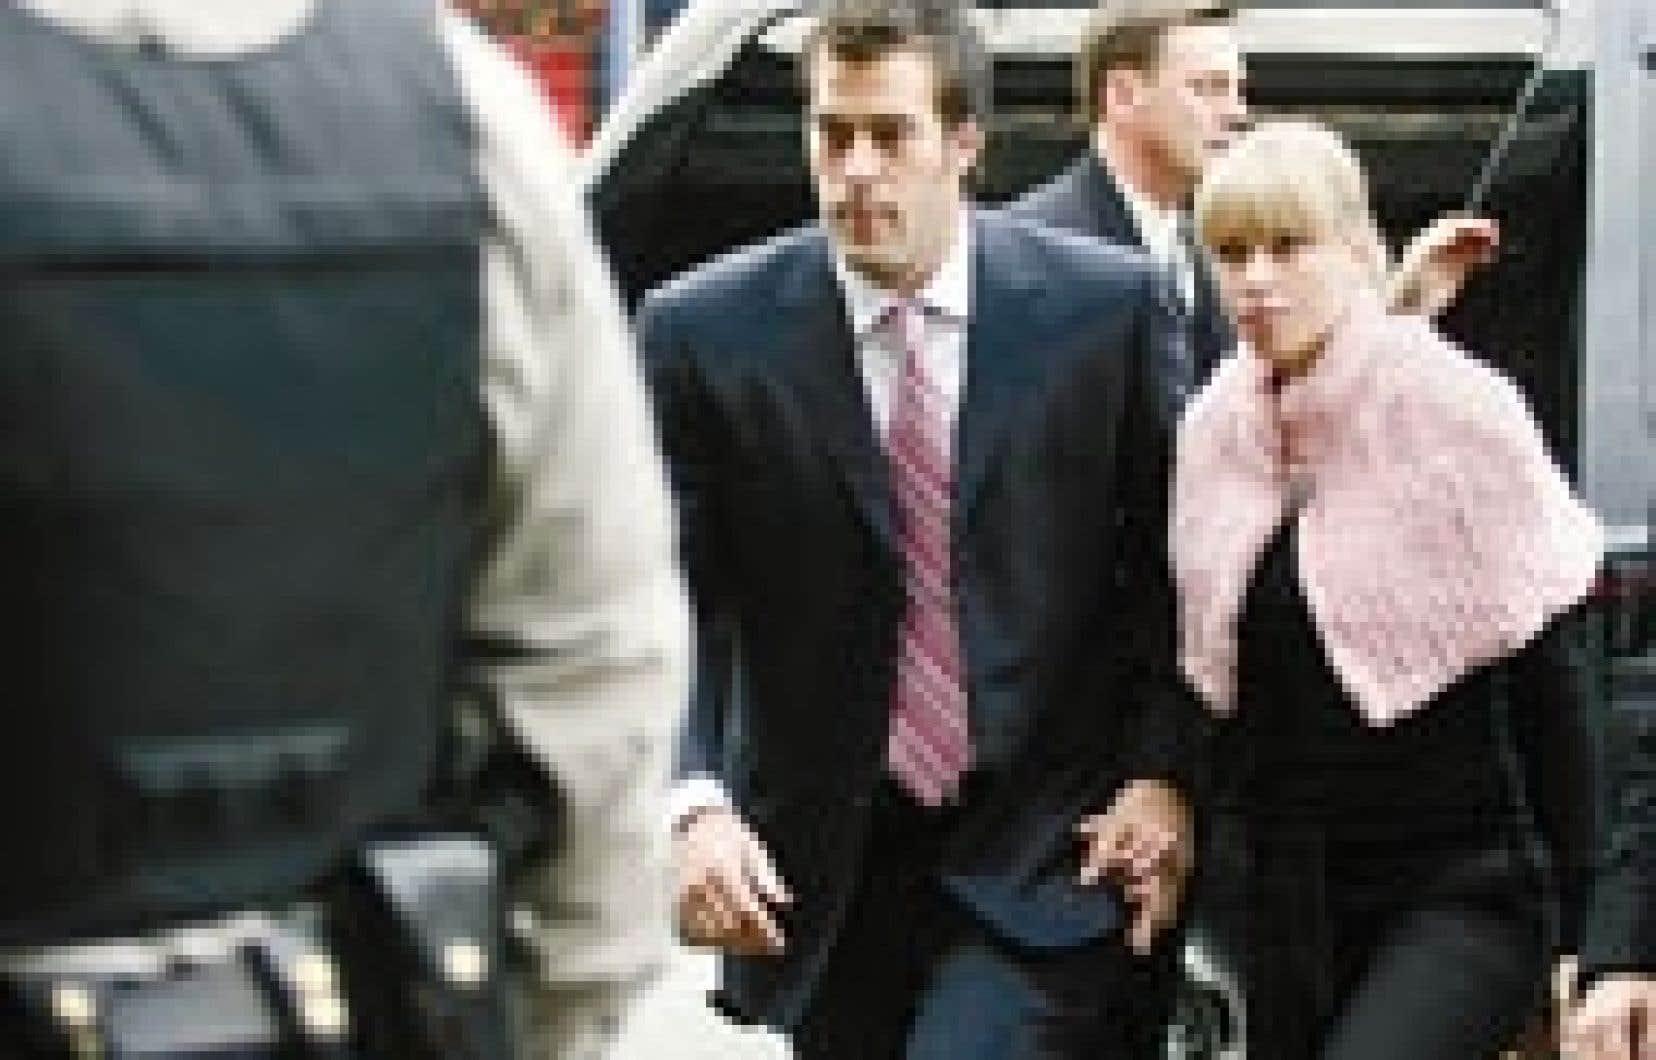 Mercredi, Bertuzzi a plaidé coupable à l'accusation de voies de fait ayant causé des lésions corporelles qui avait été portée contre lui. Le joueur étoile des Canucks de Vancouver a reçu une absolution conditionnelle, sentence qui pourrait lui